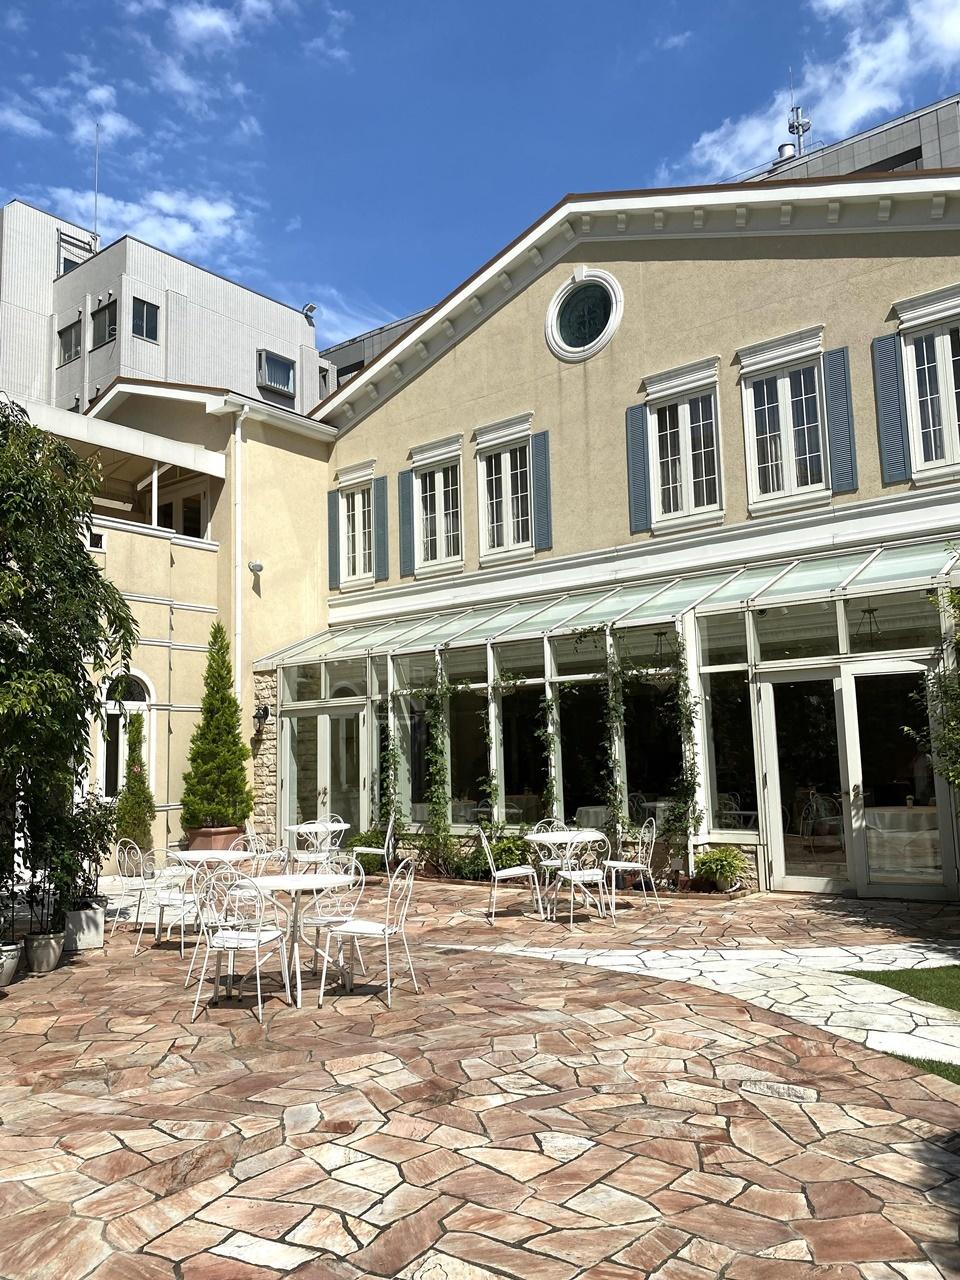 ソンブルイユ中庭①